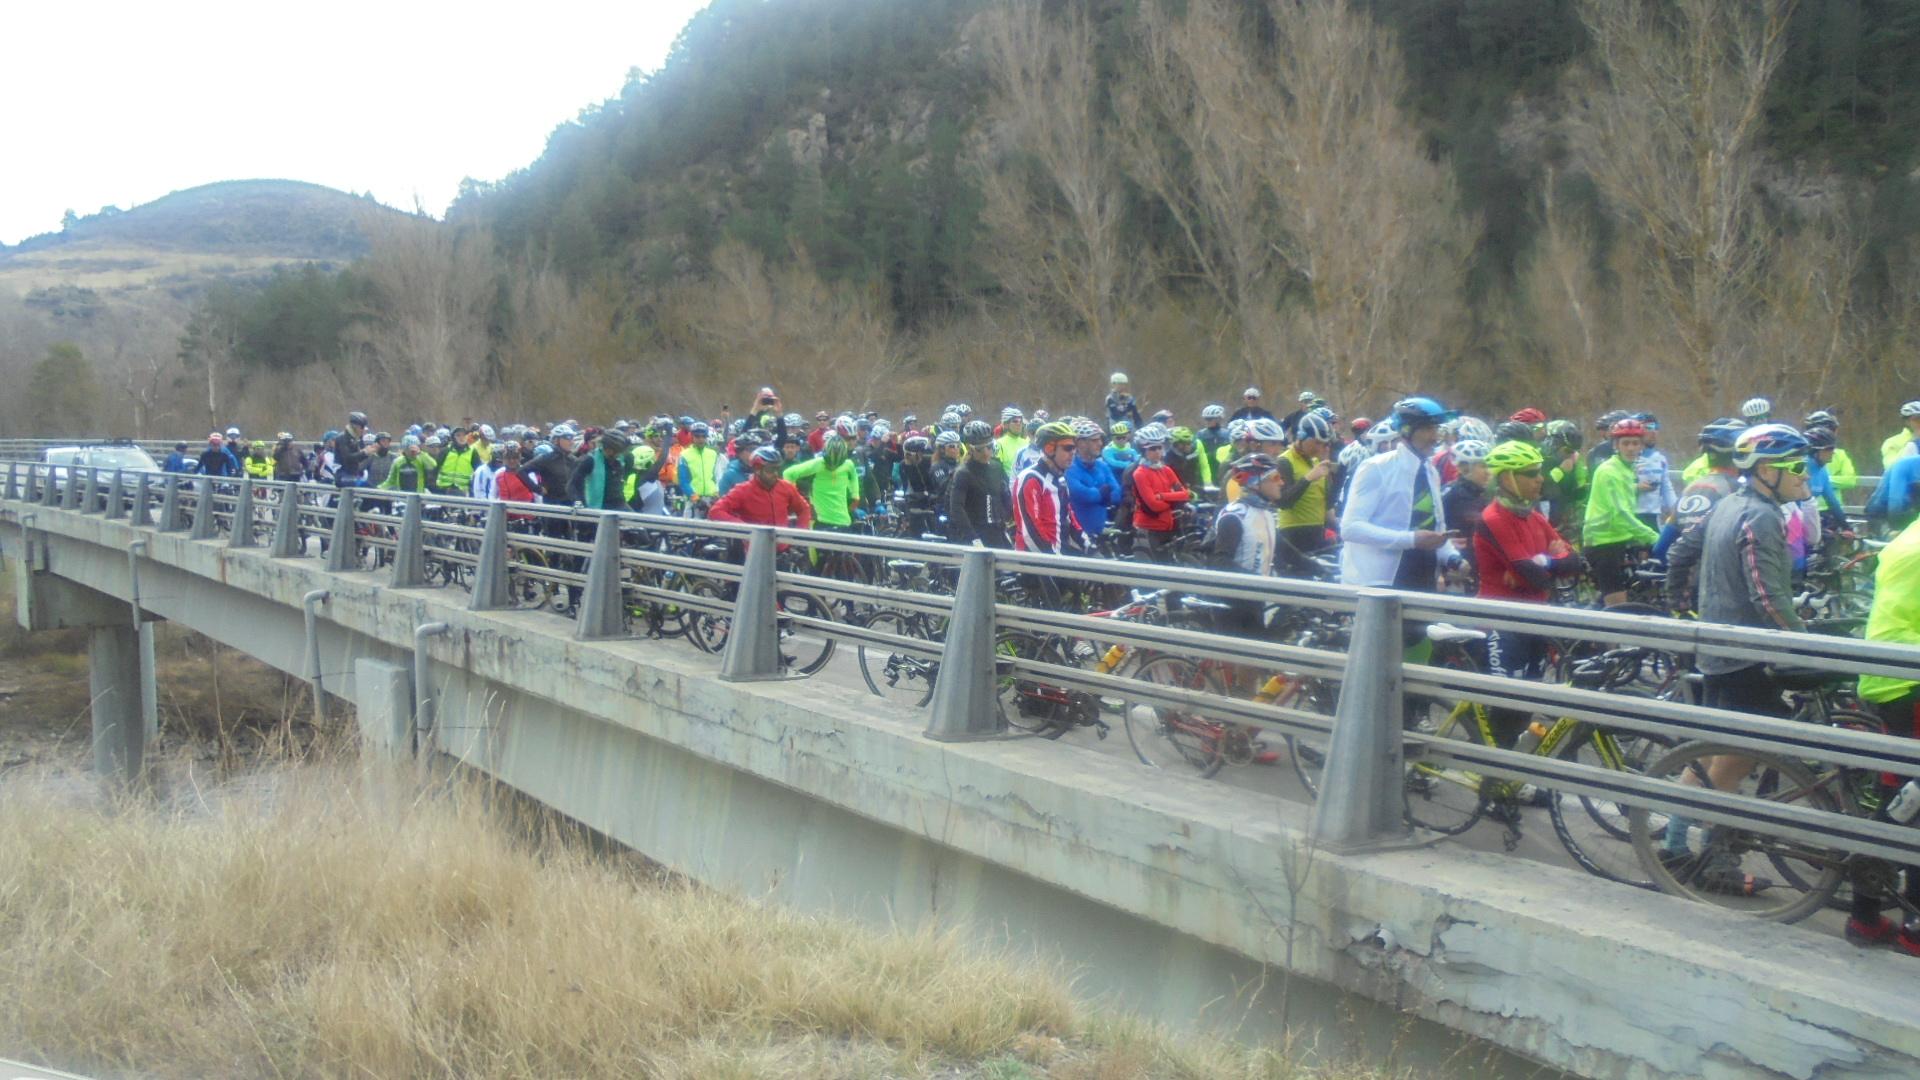 Una marxa lenta de més de 200 ciclistes protesta a l'N-260 pels accidents que pateixen